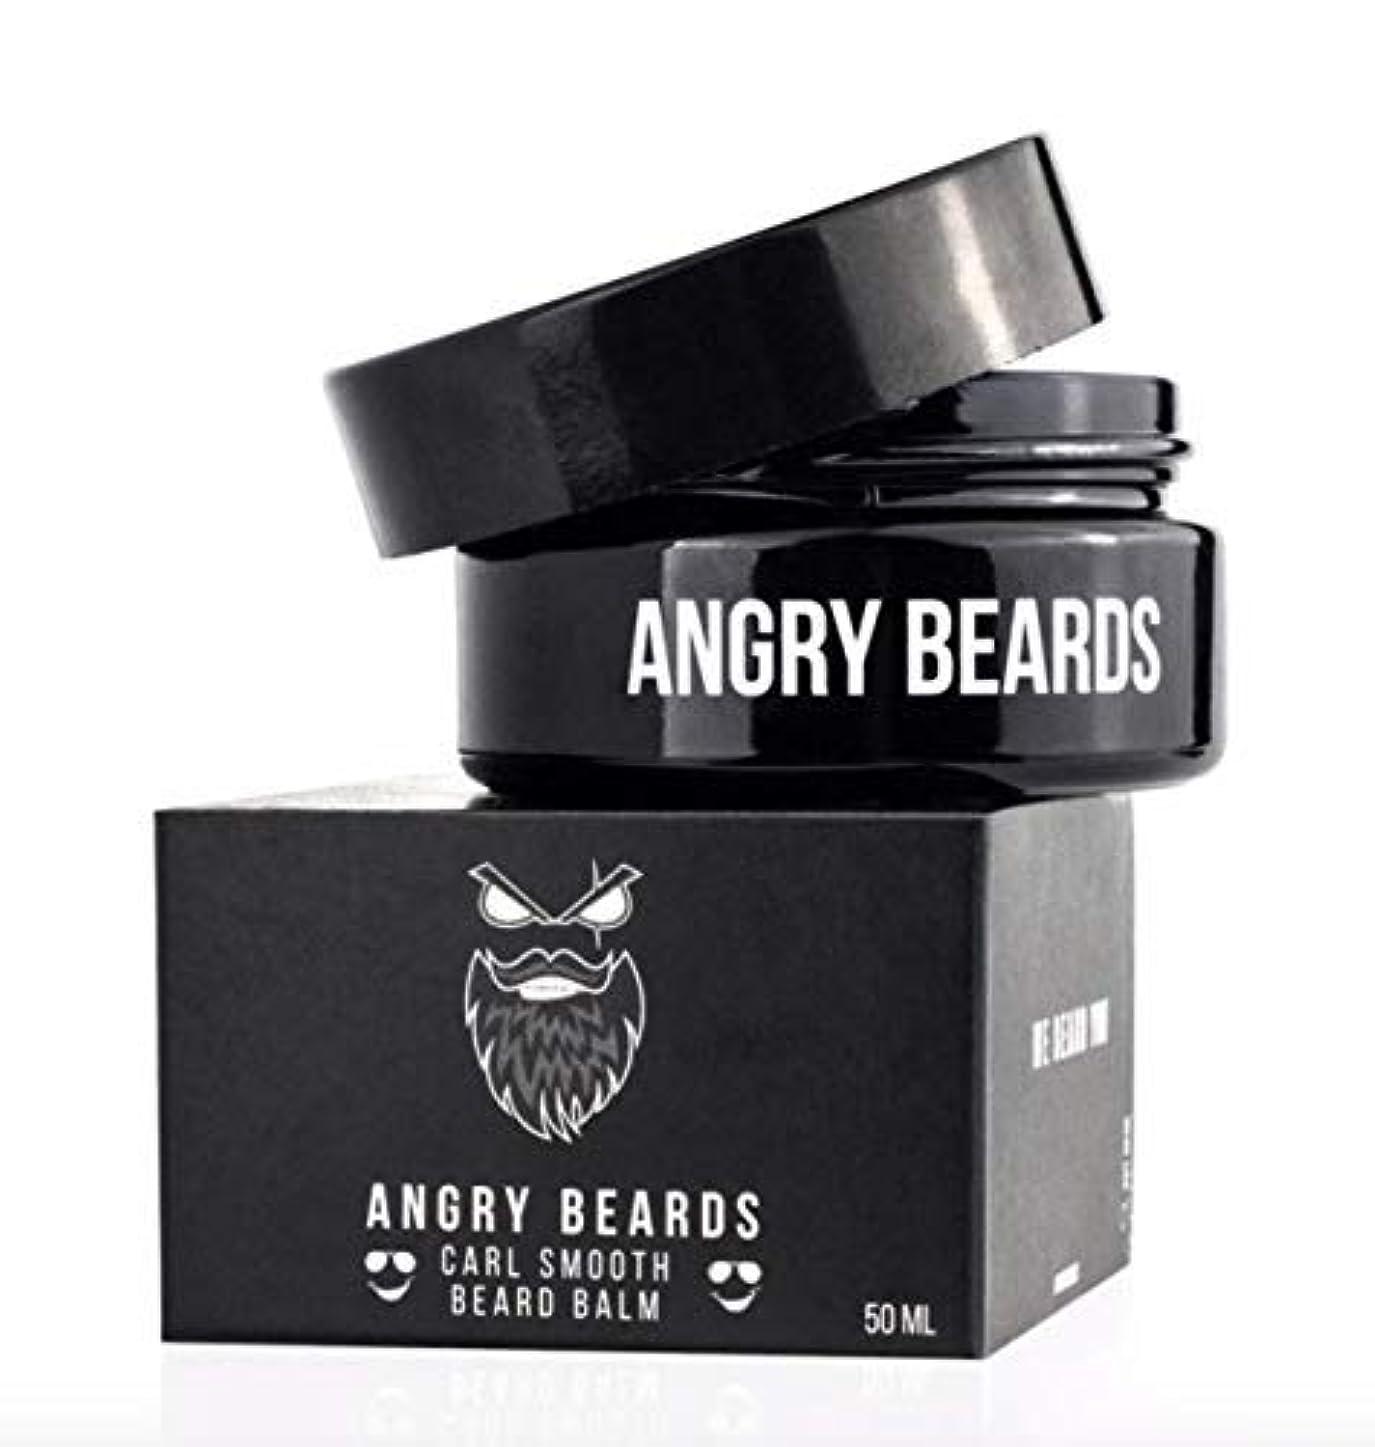 フィットネス努力株式Carl Smooth Beard Balm by Angry Beards 50ml / カールスムースビアードバームバイアングリービアード50ml Made in Czech Republic